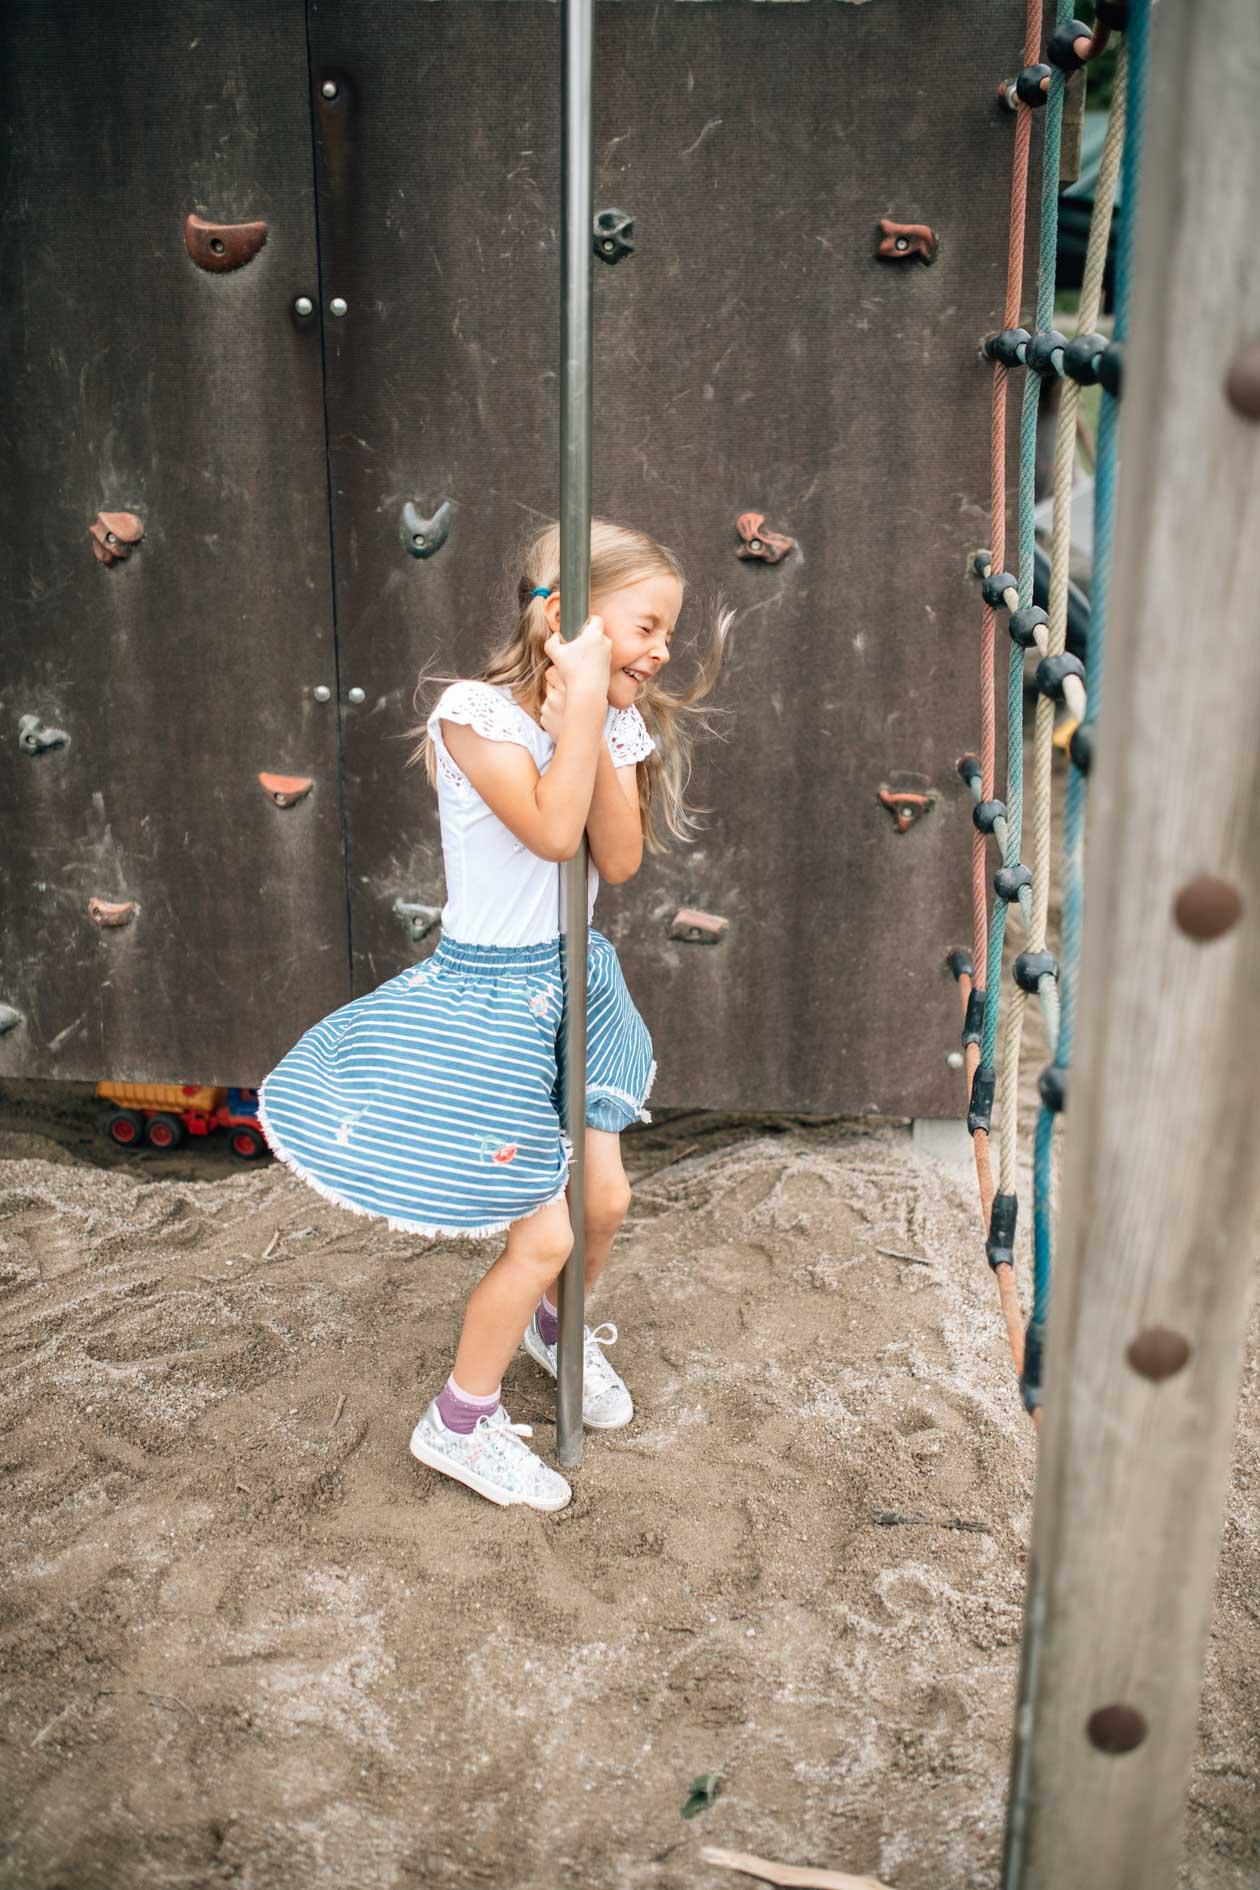 Kindergartenfotografie, echt, authentisch, im Garten, im Spiel, kein Zwang, so wie Kinder sind